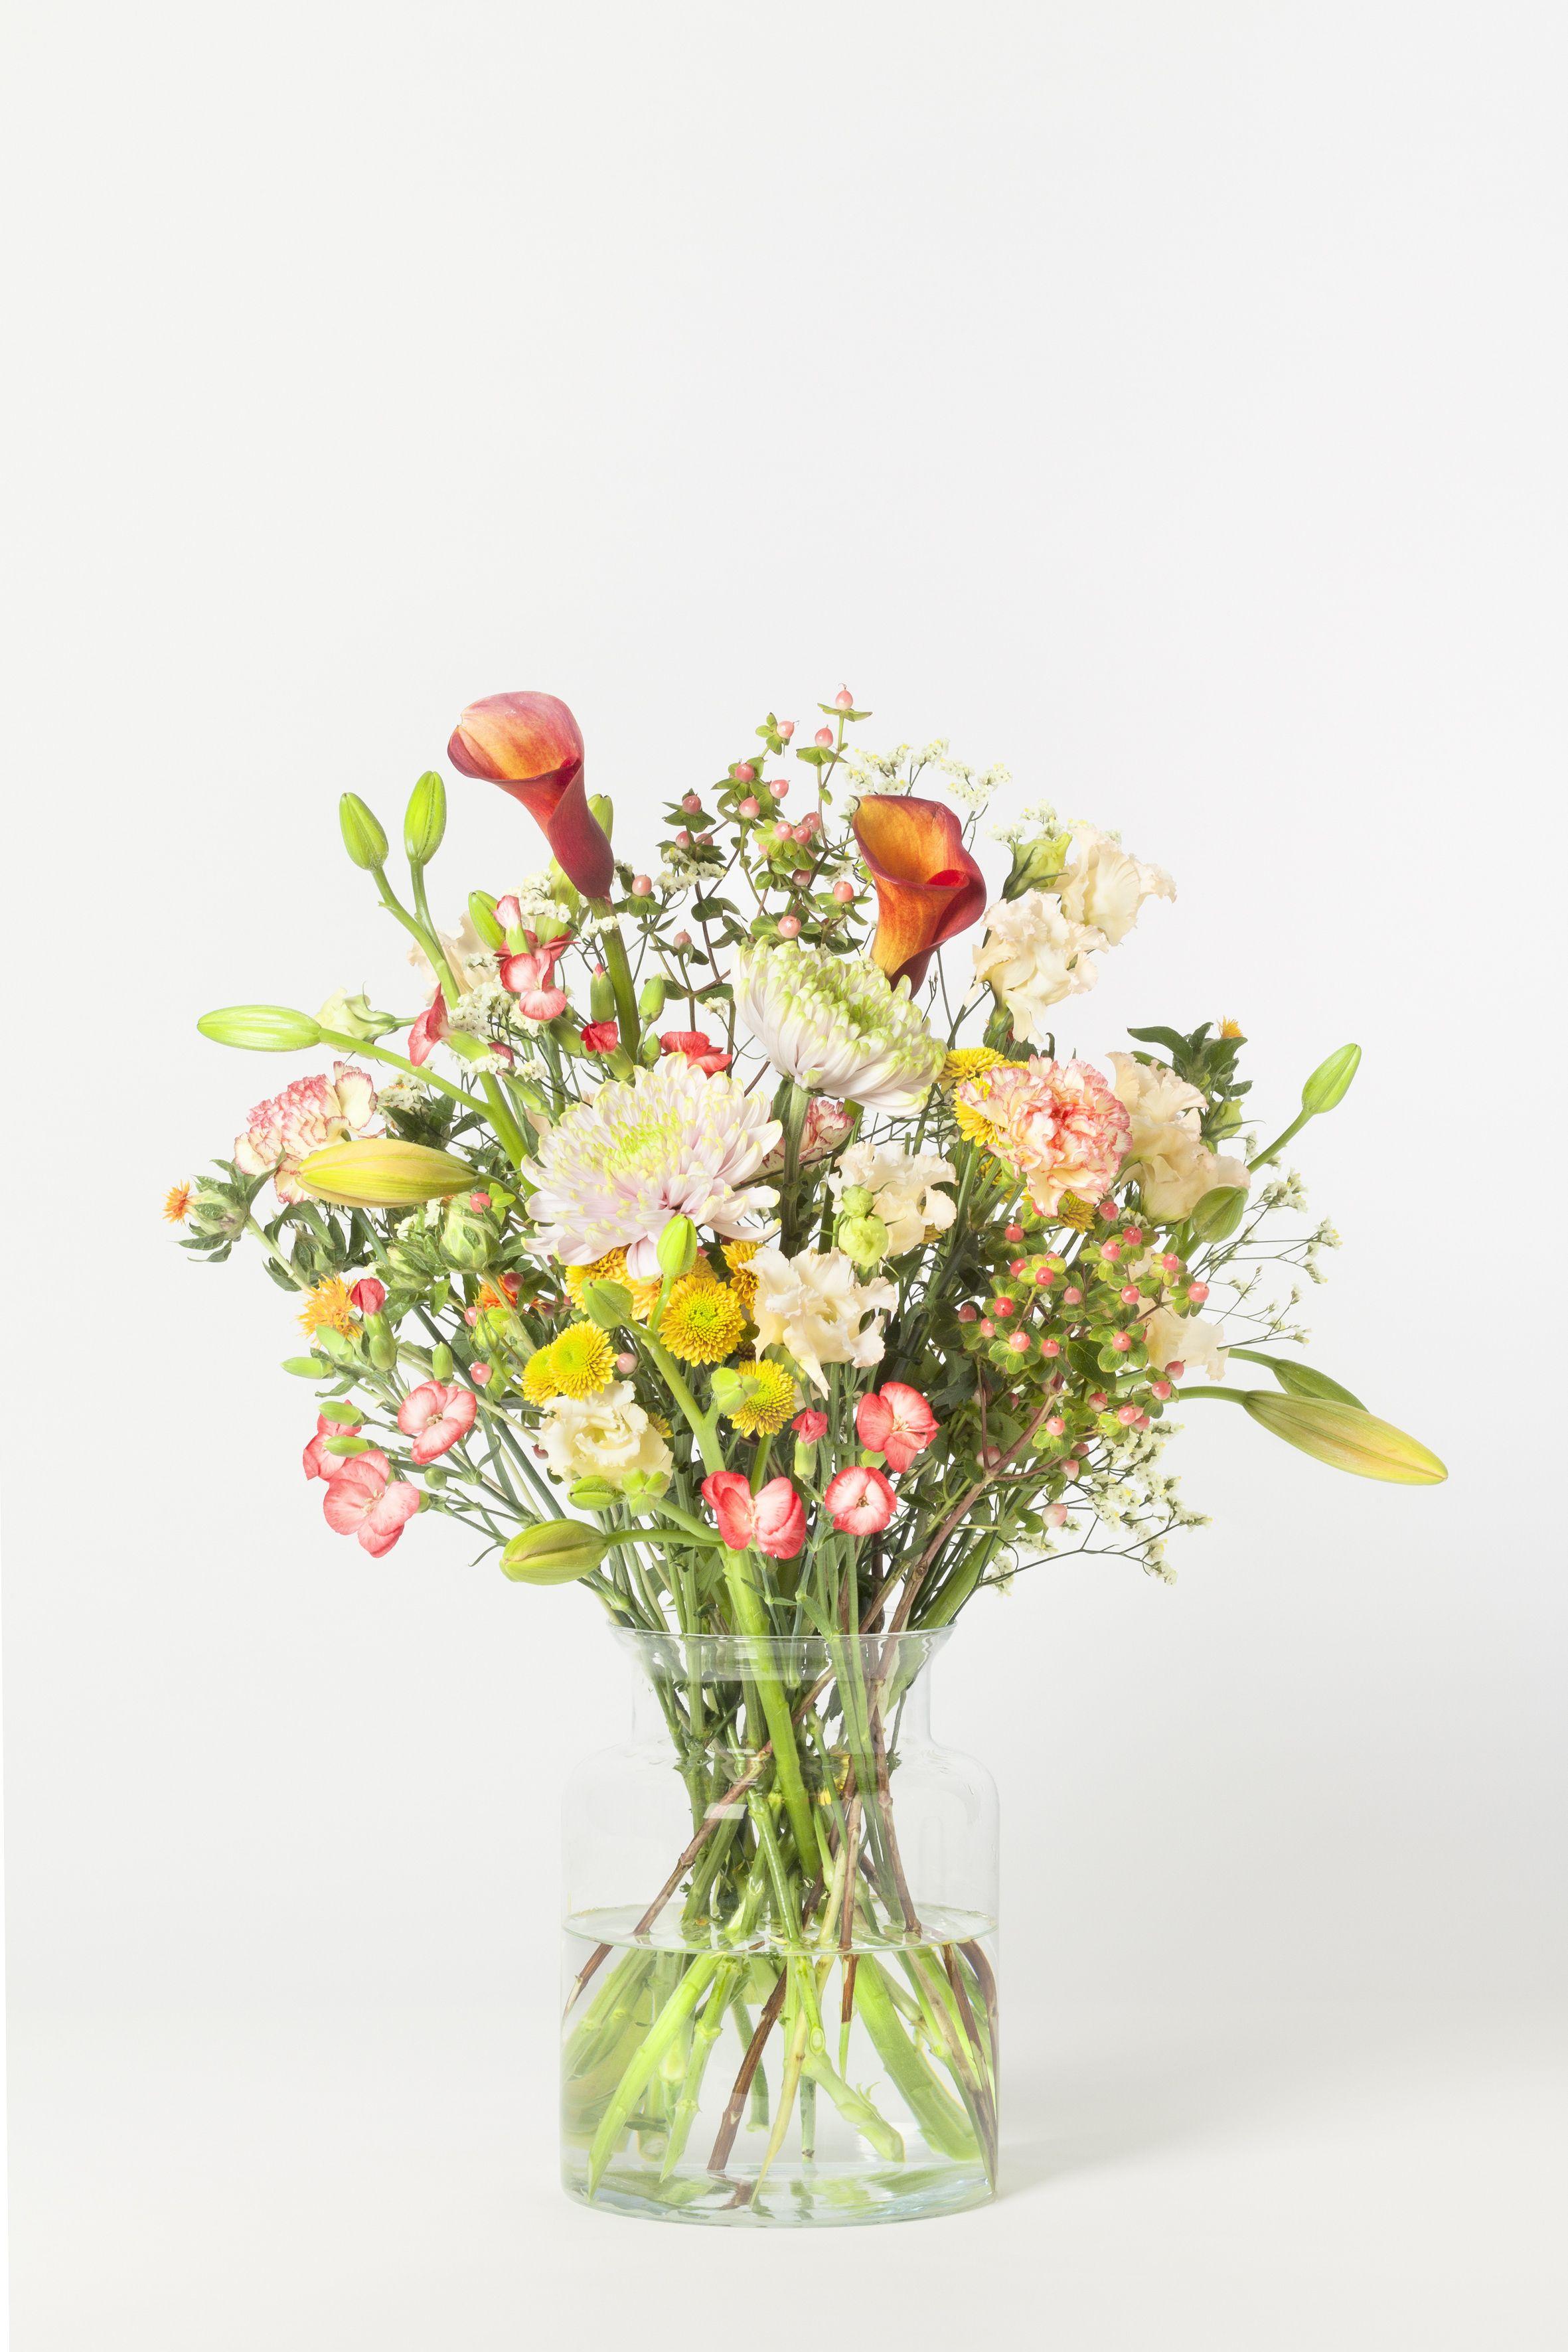 Herbstfeuer Blumen Pur Floral Bouquet